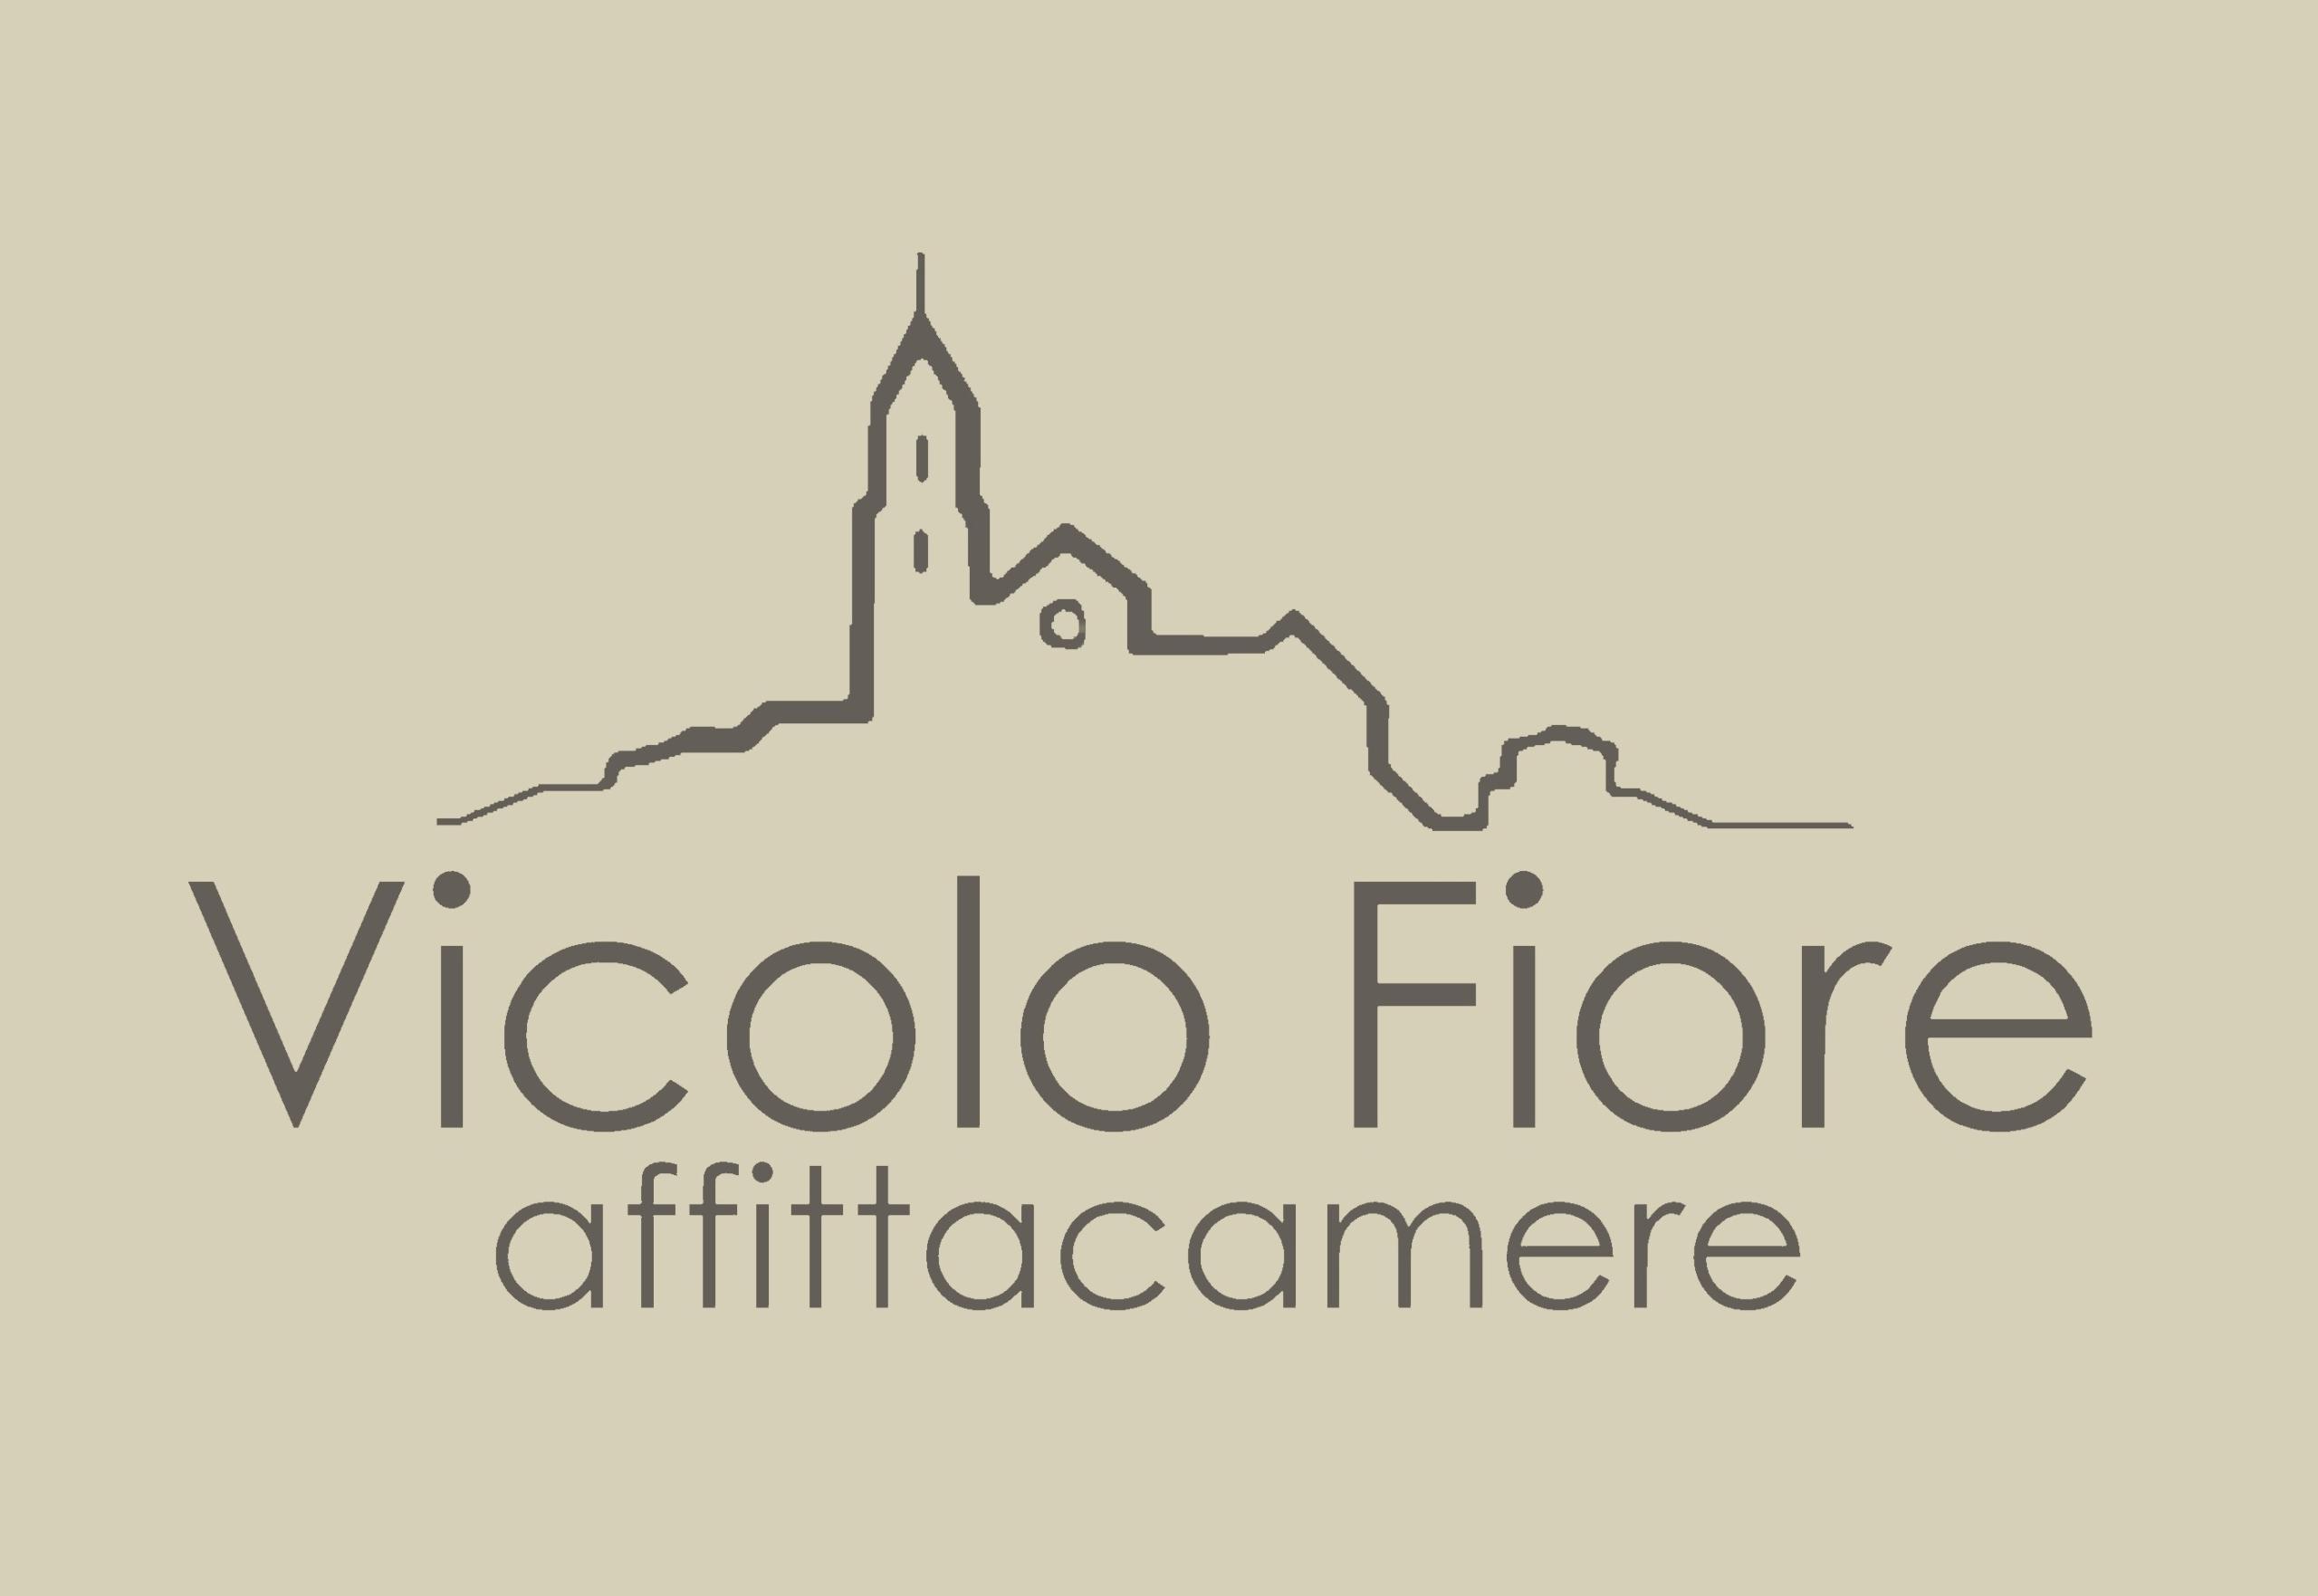 Vicolo Fiore